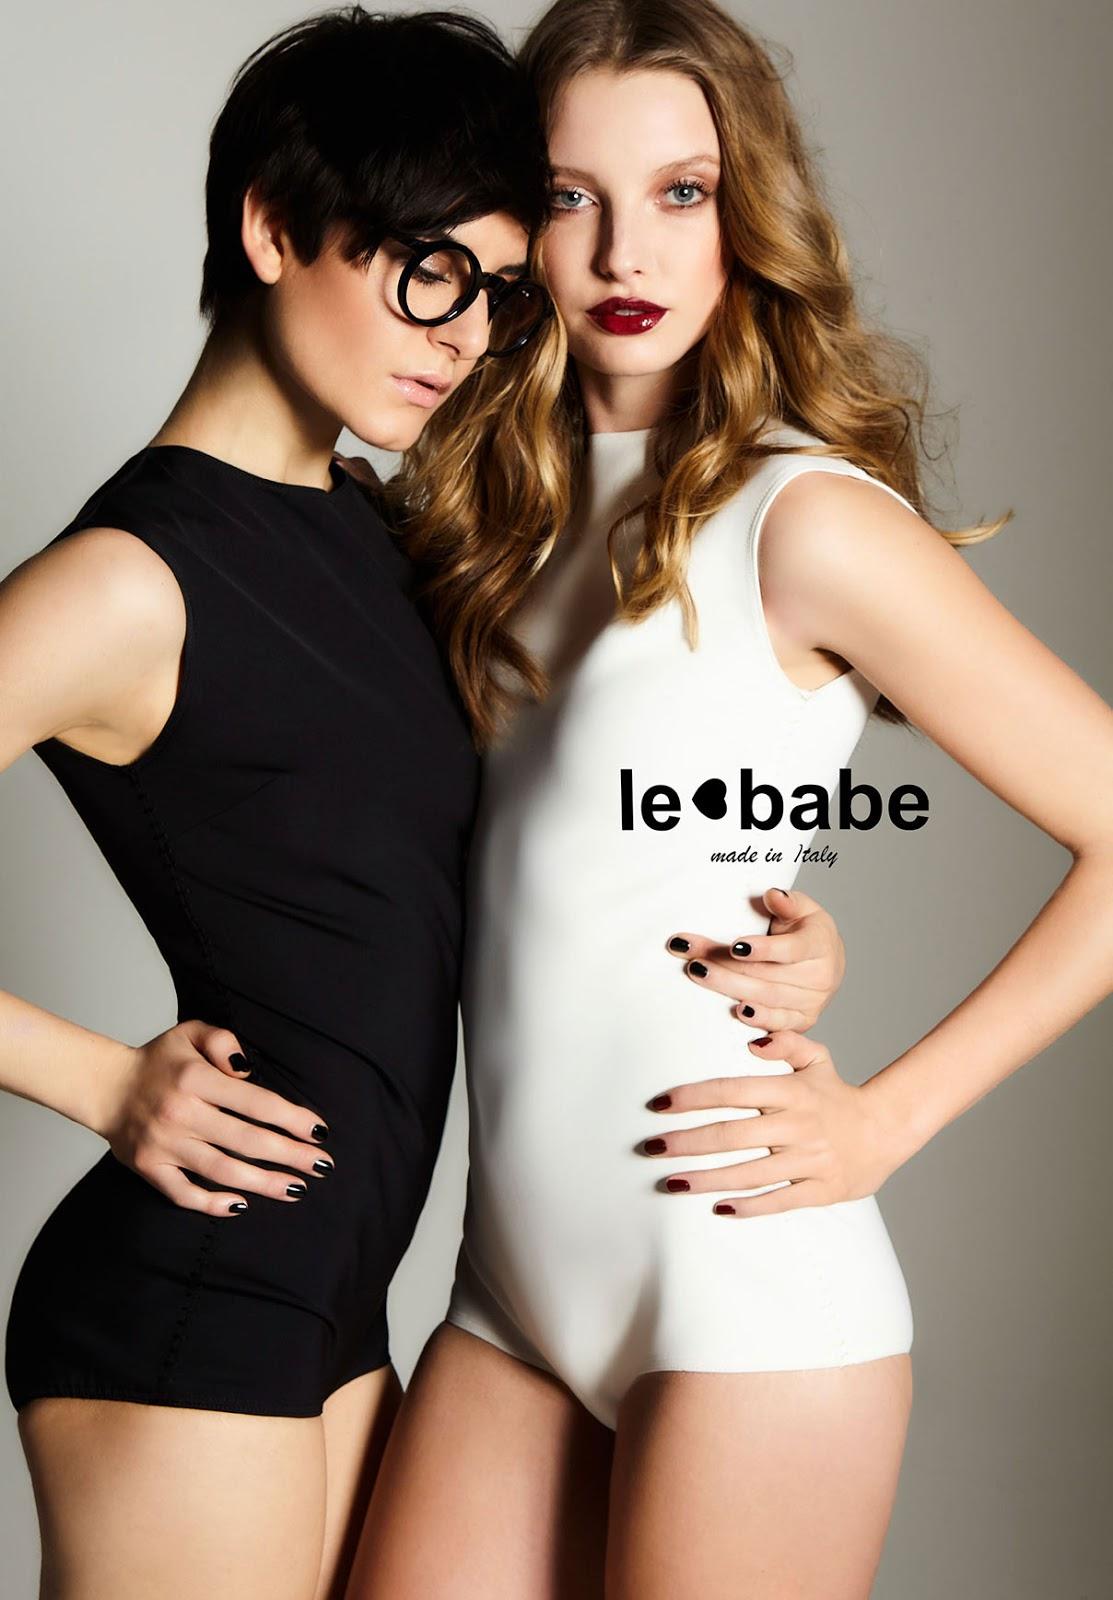 Le Babe Shoes FW 16-17